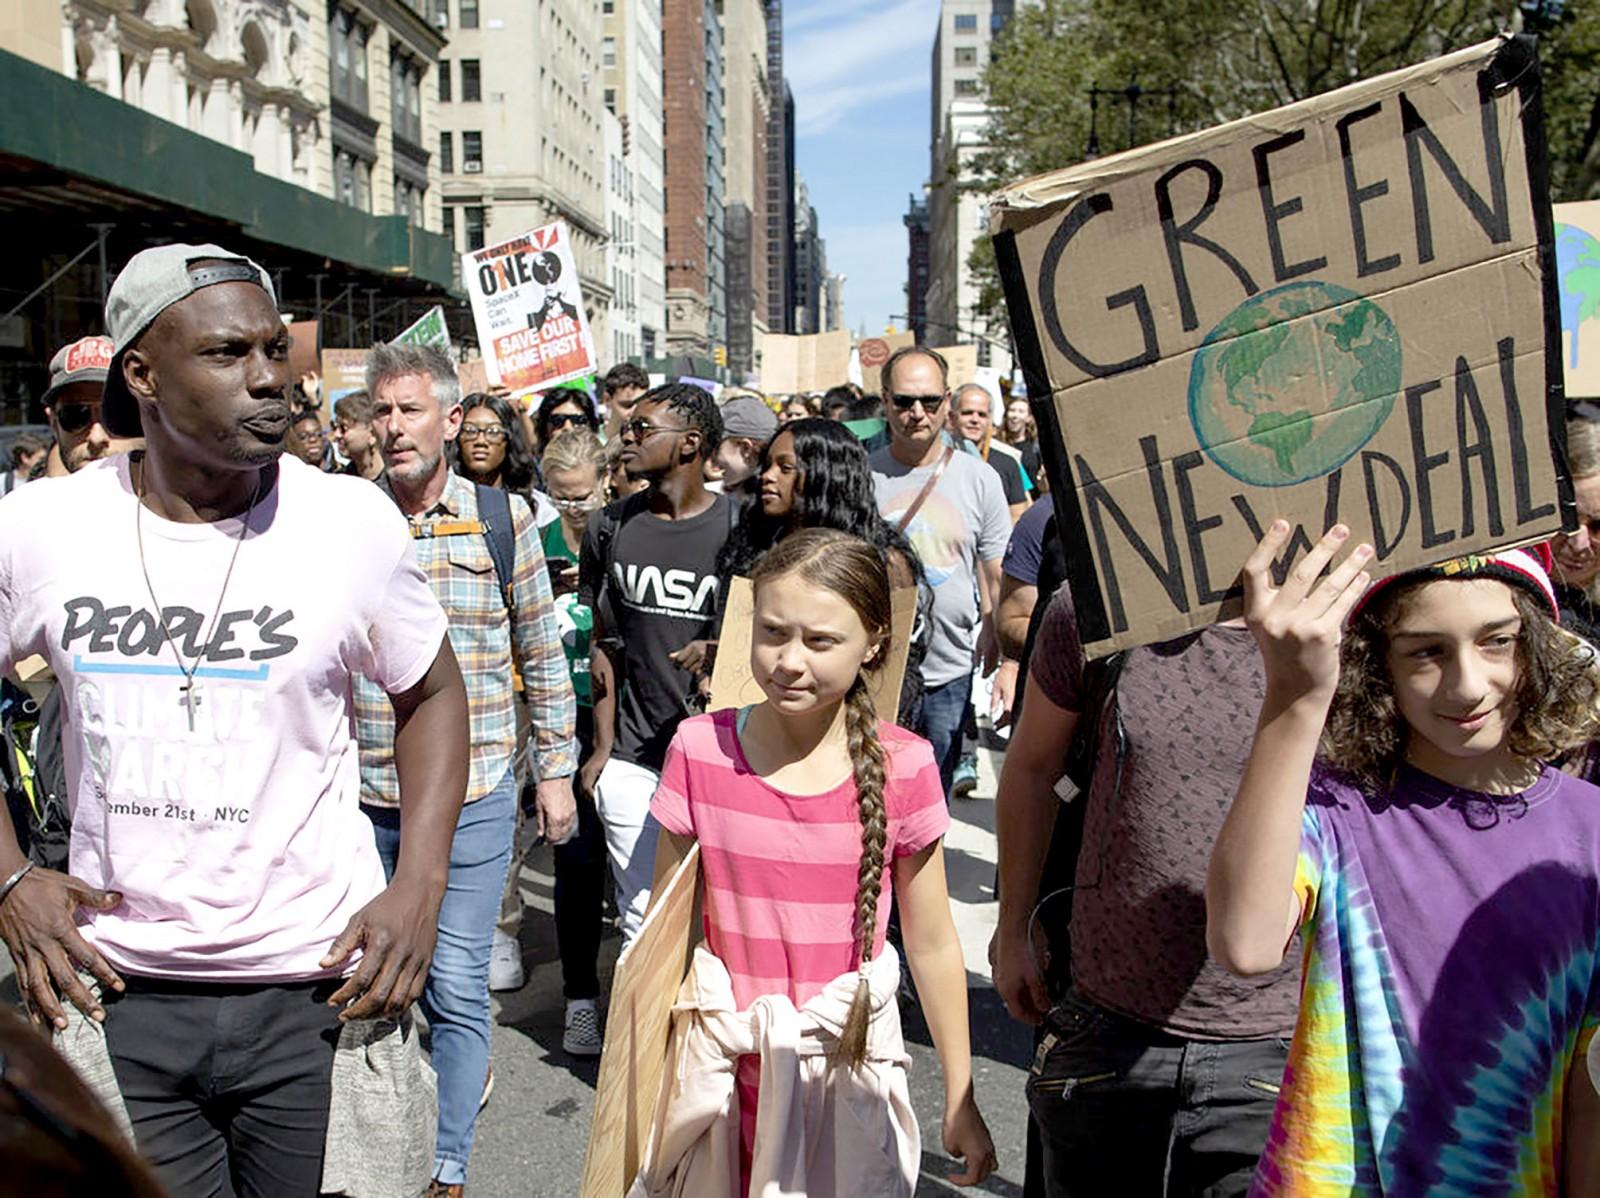 Tuần hành kêu gọi thế giới nỗ lực chống biến đổi khí hậu diễn ra tại New York hôm 20-9. Ảnh: AP